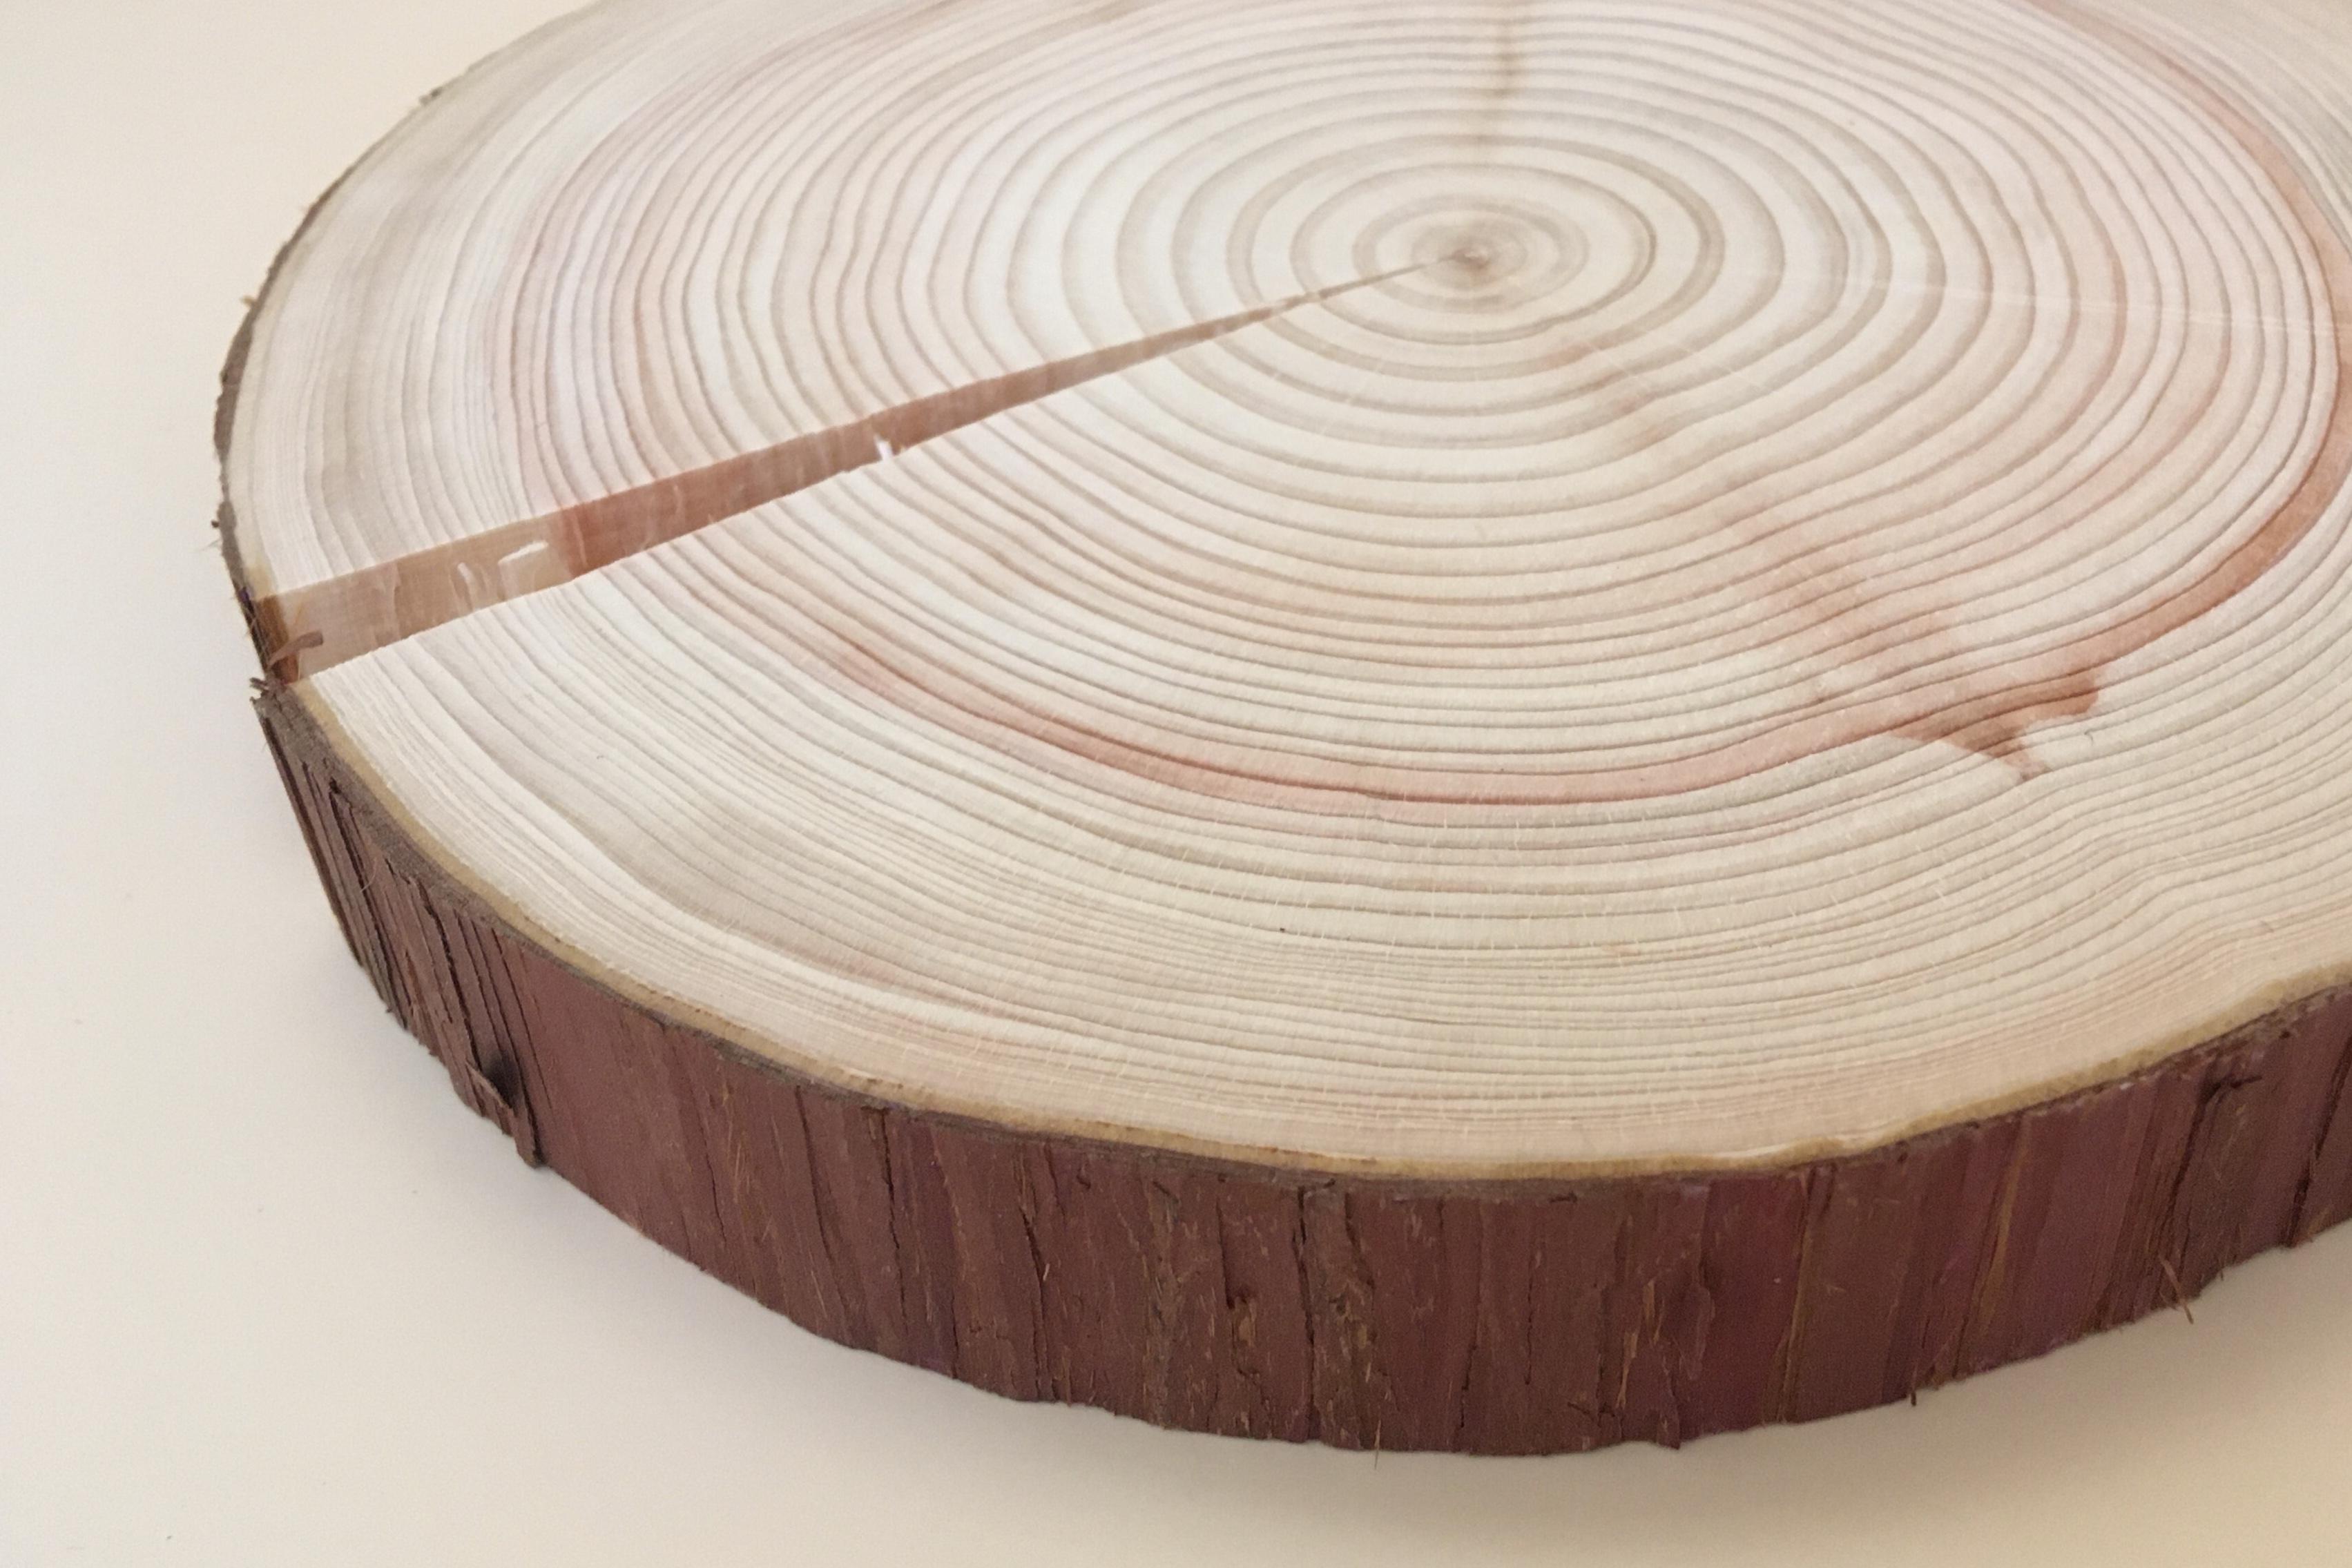 東京の木の「鍋敷き」【送料込み】